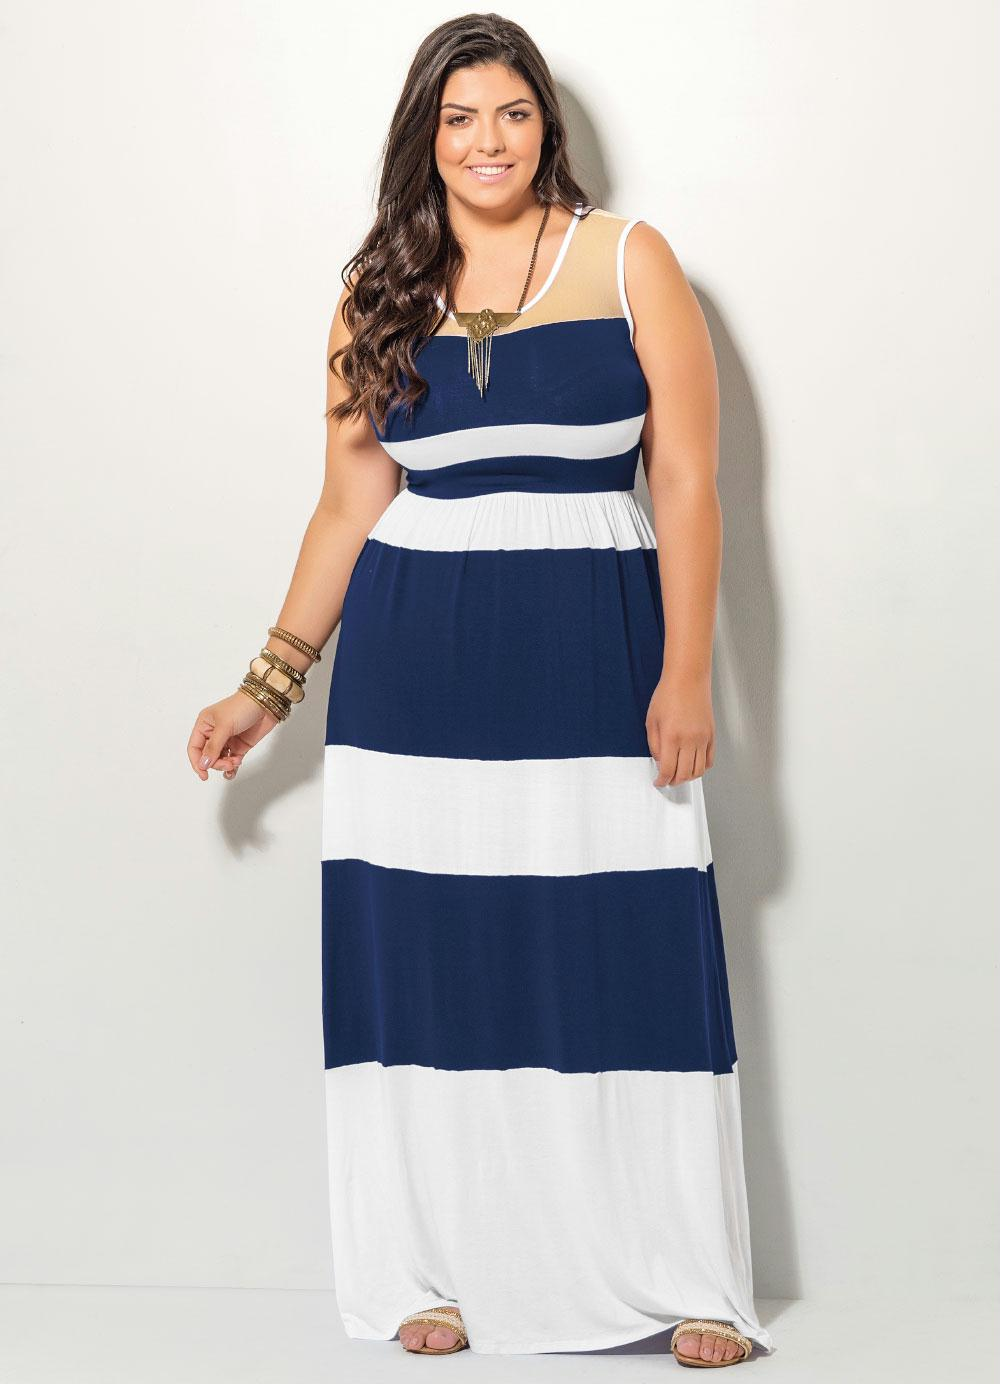 54b877270 Vestido Longo Listrado Azul e Branco - Quintess